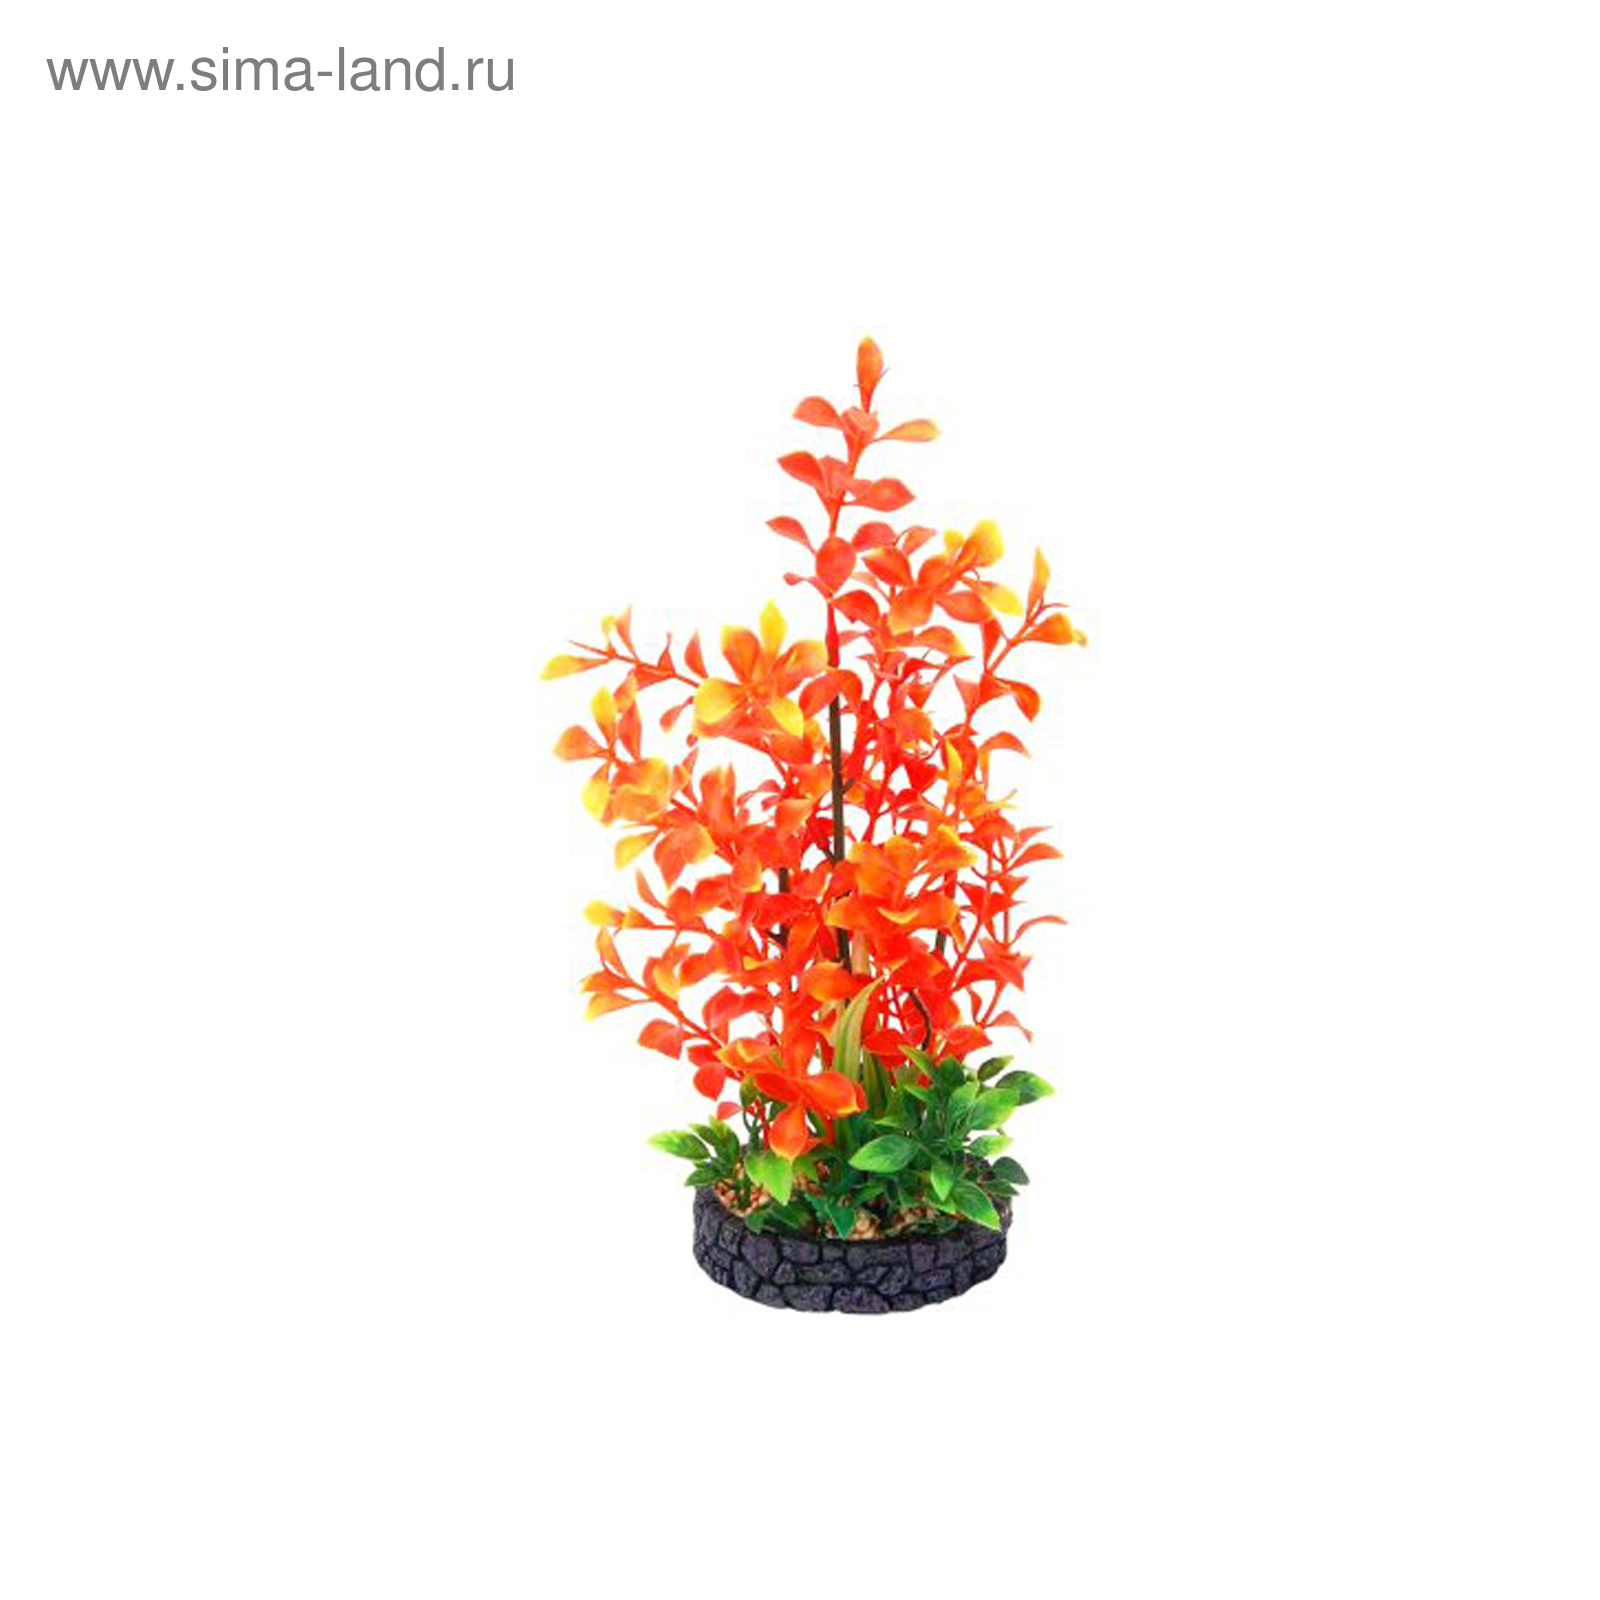 Растение аквариумное Композиция №31, 22х9х6 см